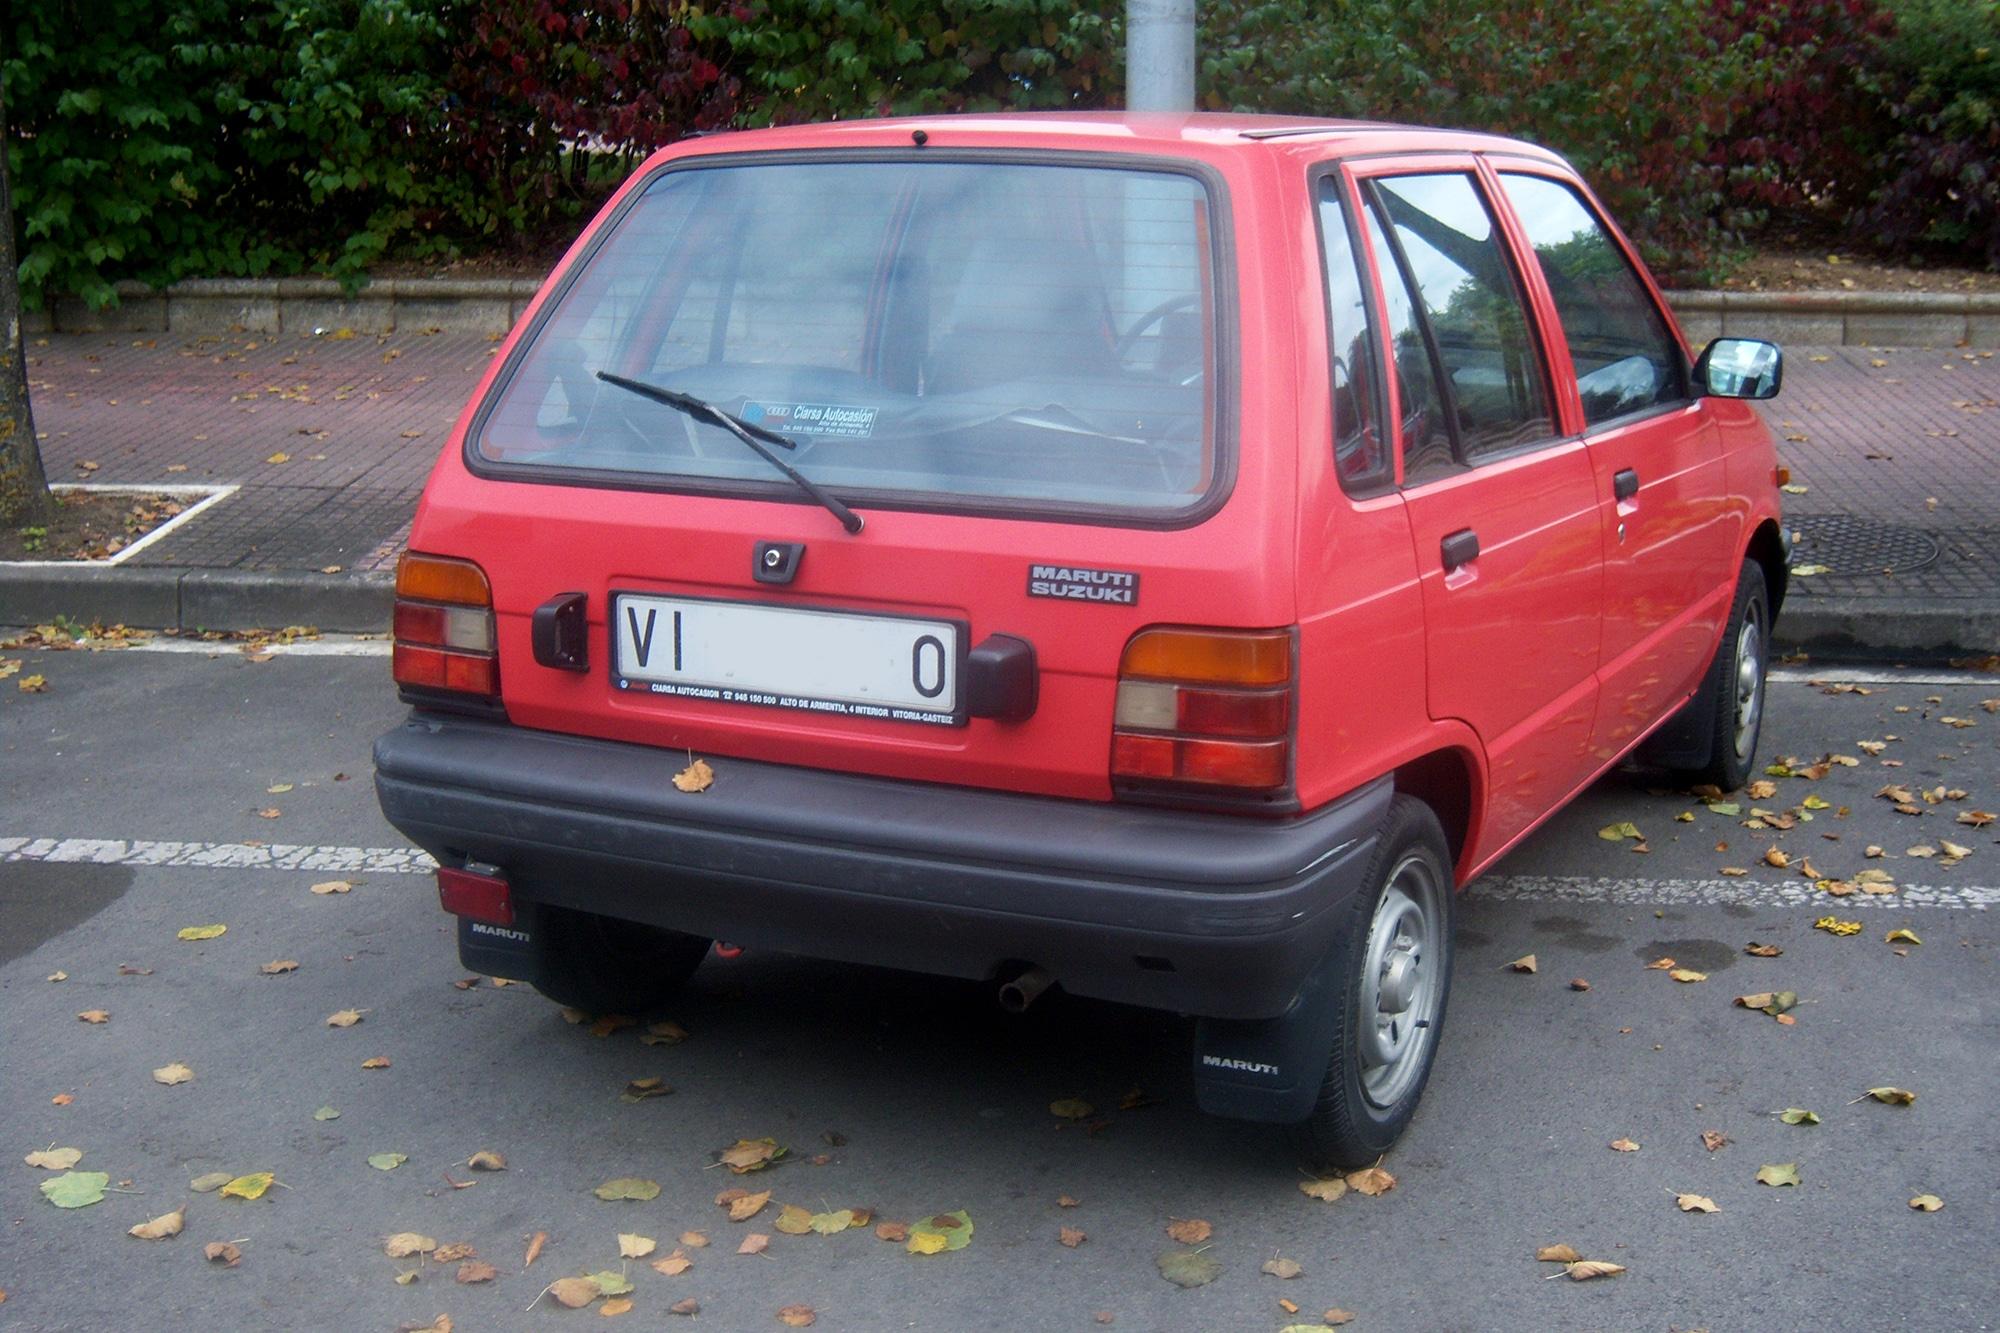 U00bfte Acuerdas  Suzuki Maruti 800